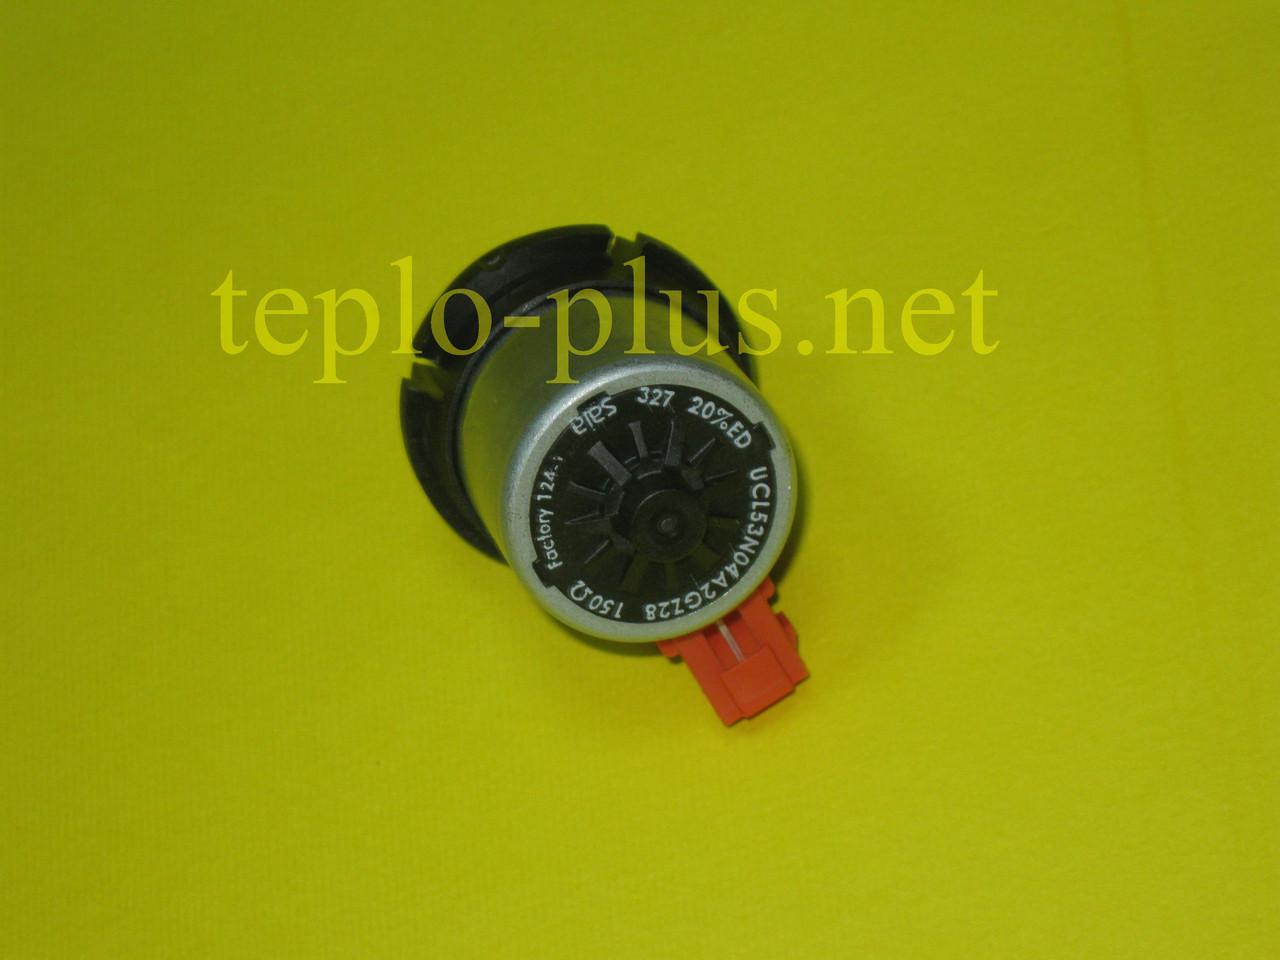 Электропривод (сервопривод) трехходового клапана Vaillant atmoTEC Pro / turboTEC Pro, фото 2